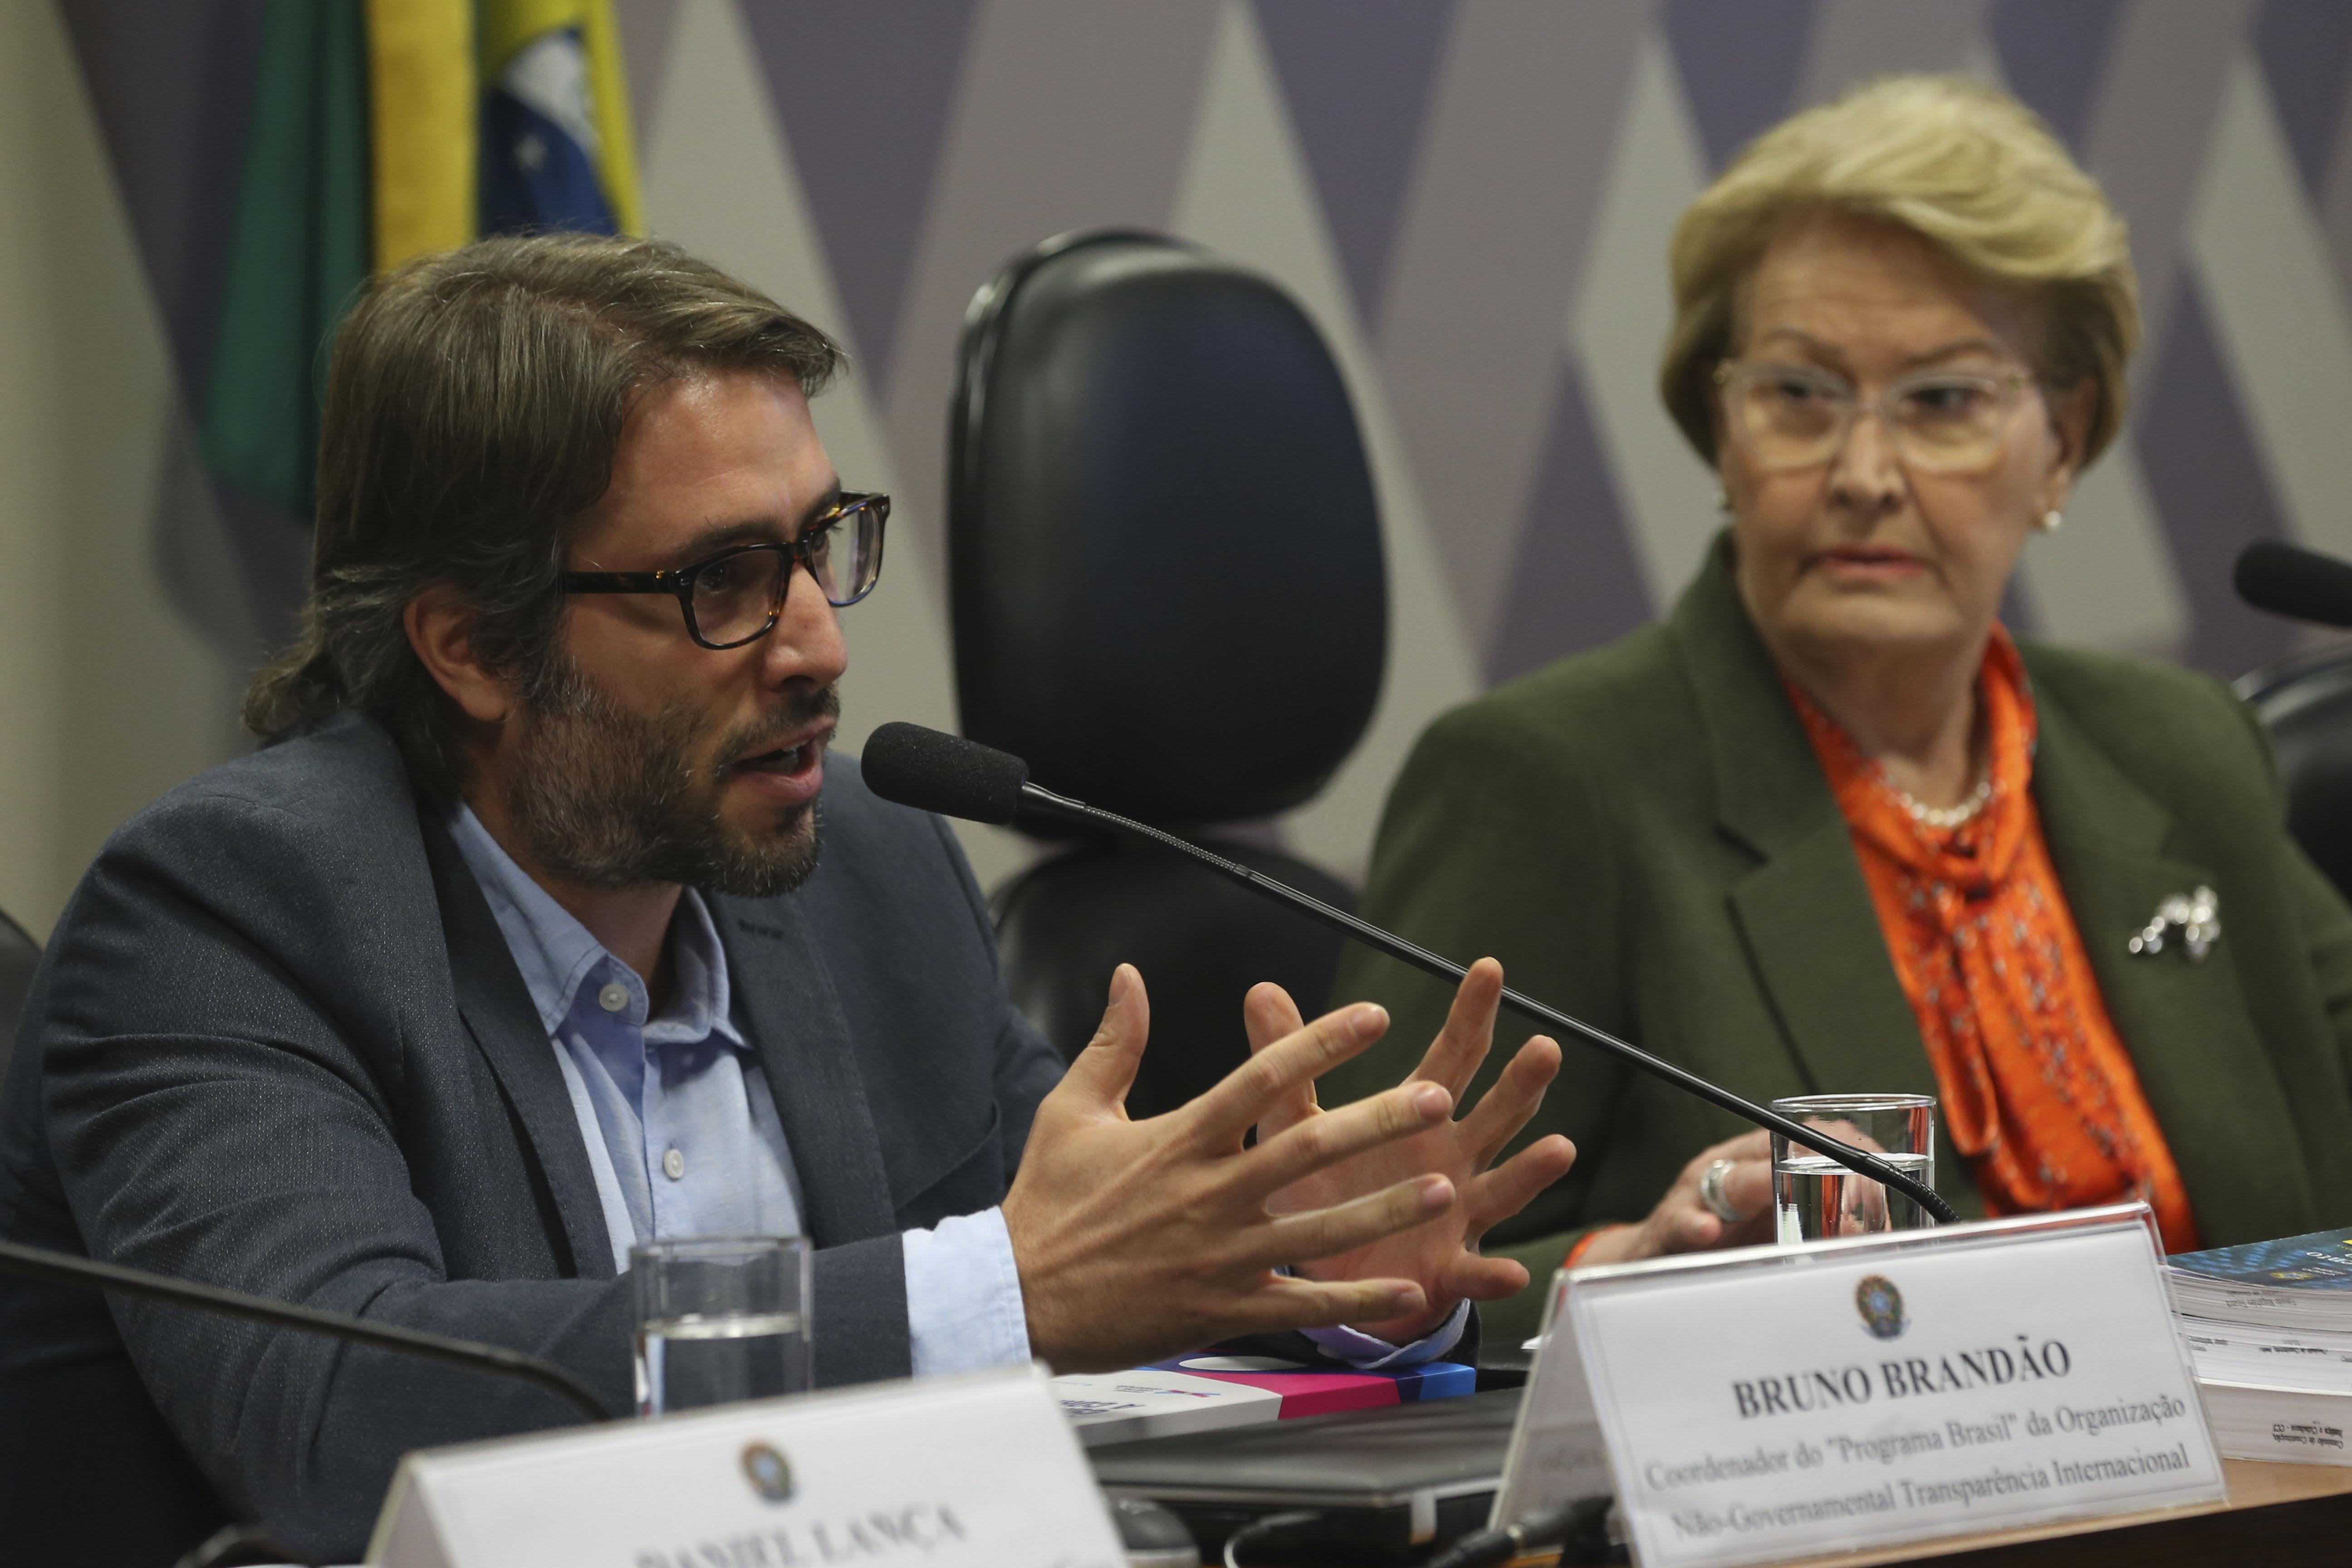 IMAGEM: Decisão da OCDE de monitorar corrupção no Brasil era esperada, dizem entidades